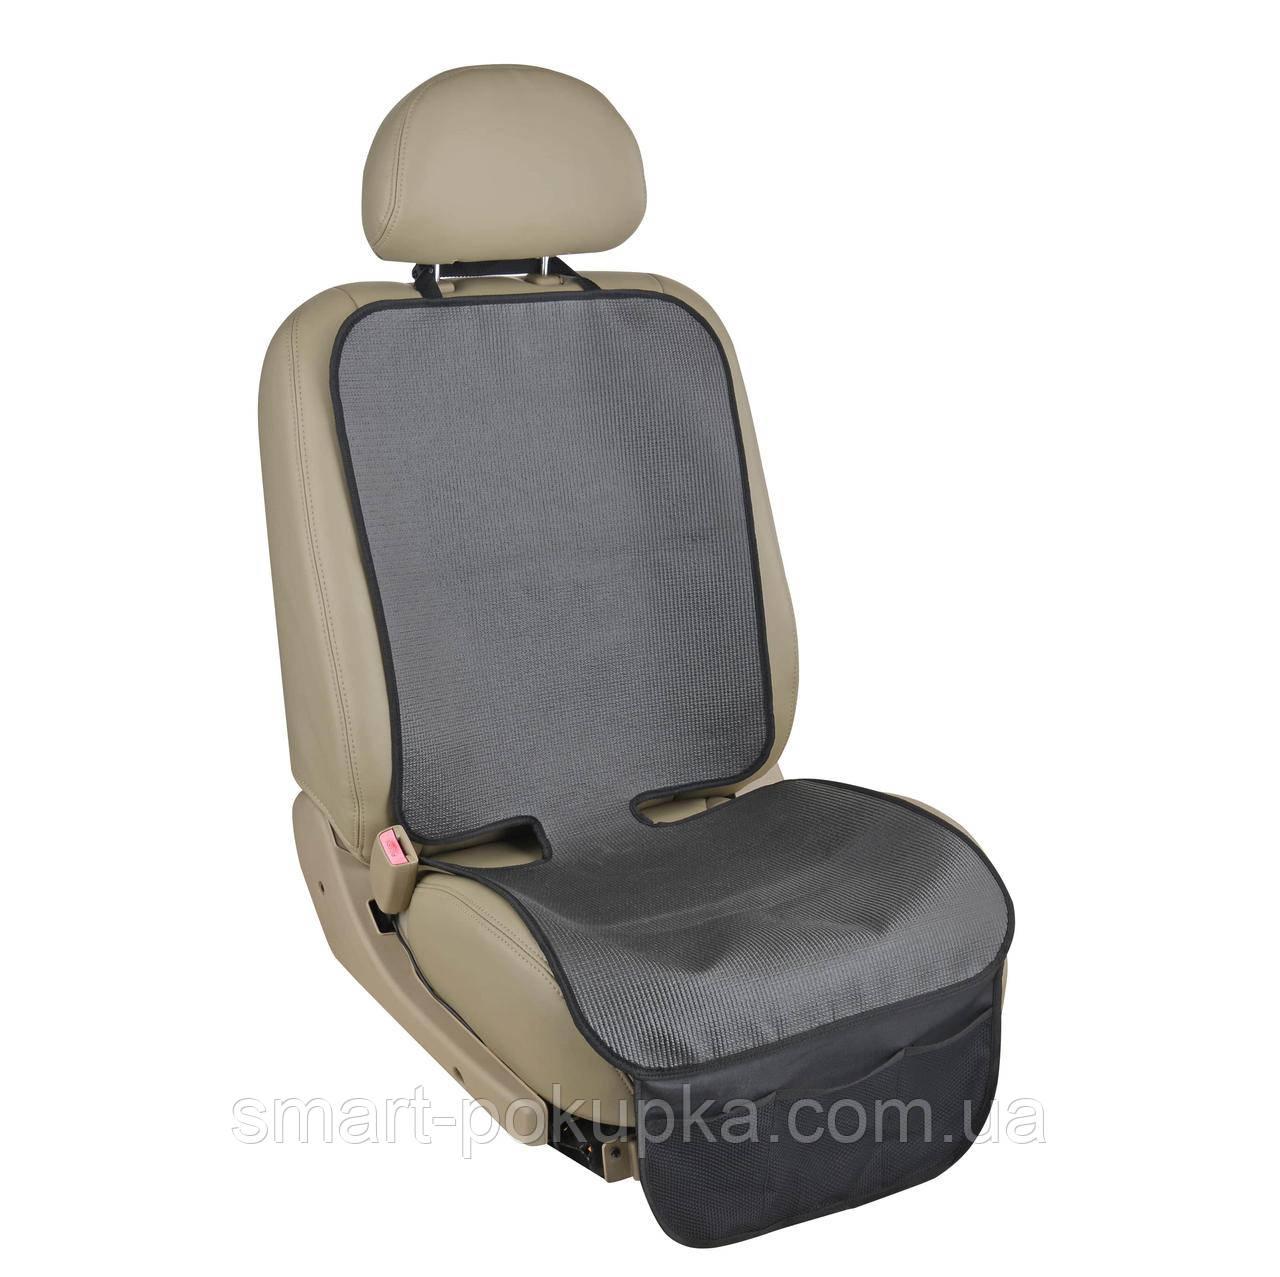 Захисний килимок для автомобільного сидіння